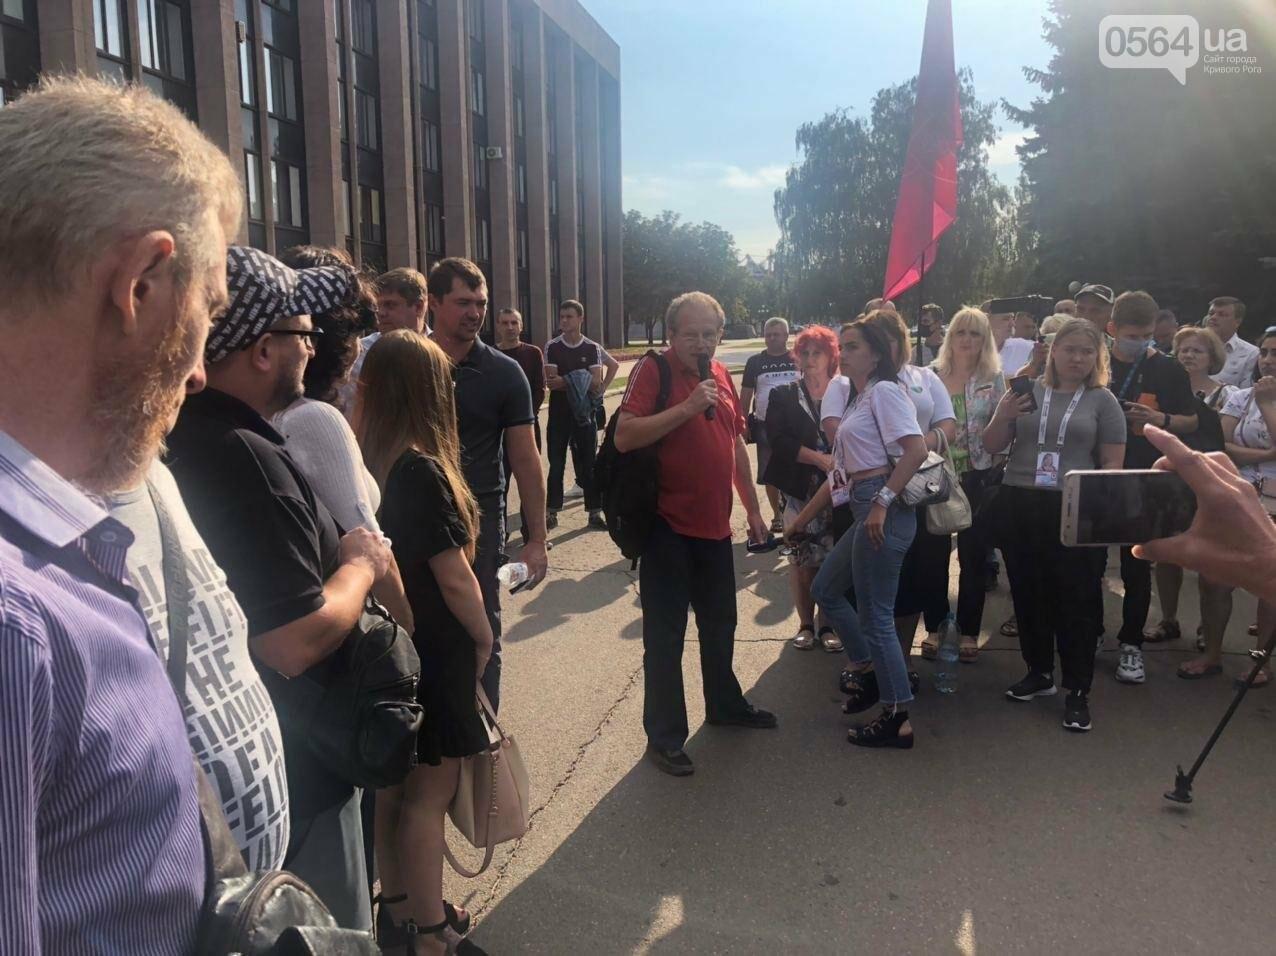 Криворожские предприниматели снова вышли на акцию, - ФОТО, фото-8